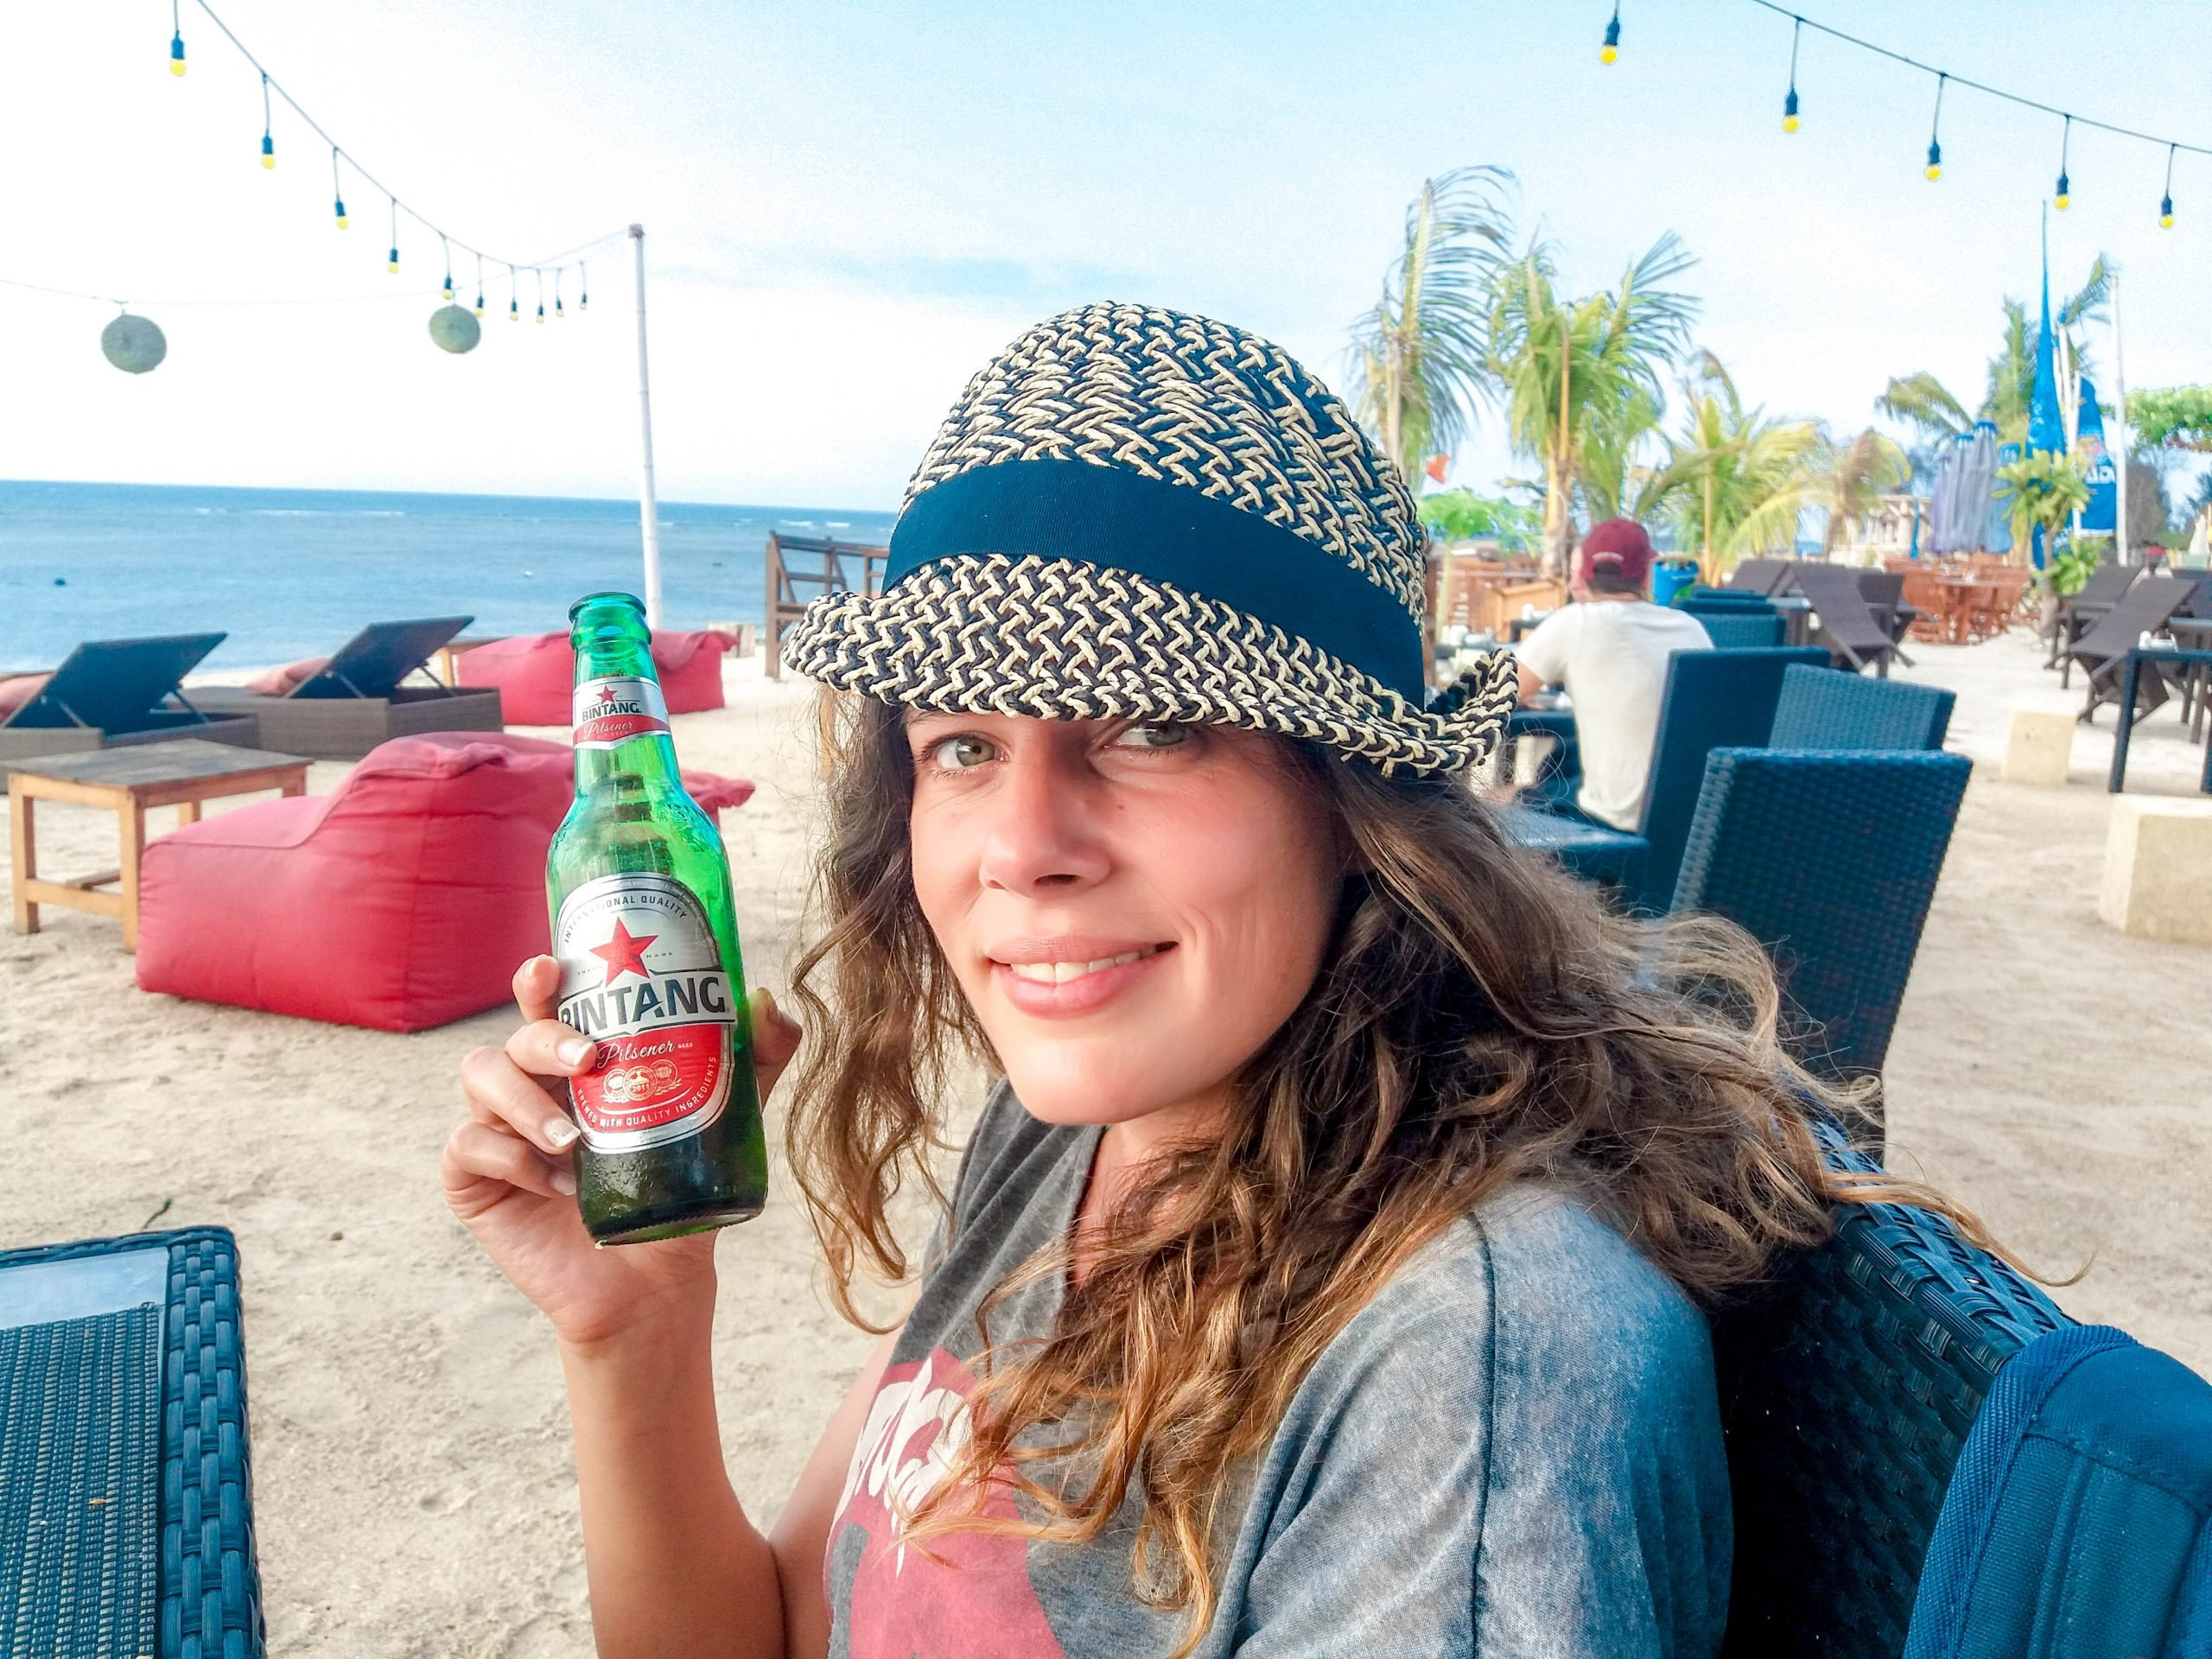 cerveza bintang en islas Gili - Indonesia